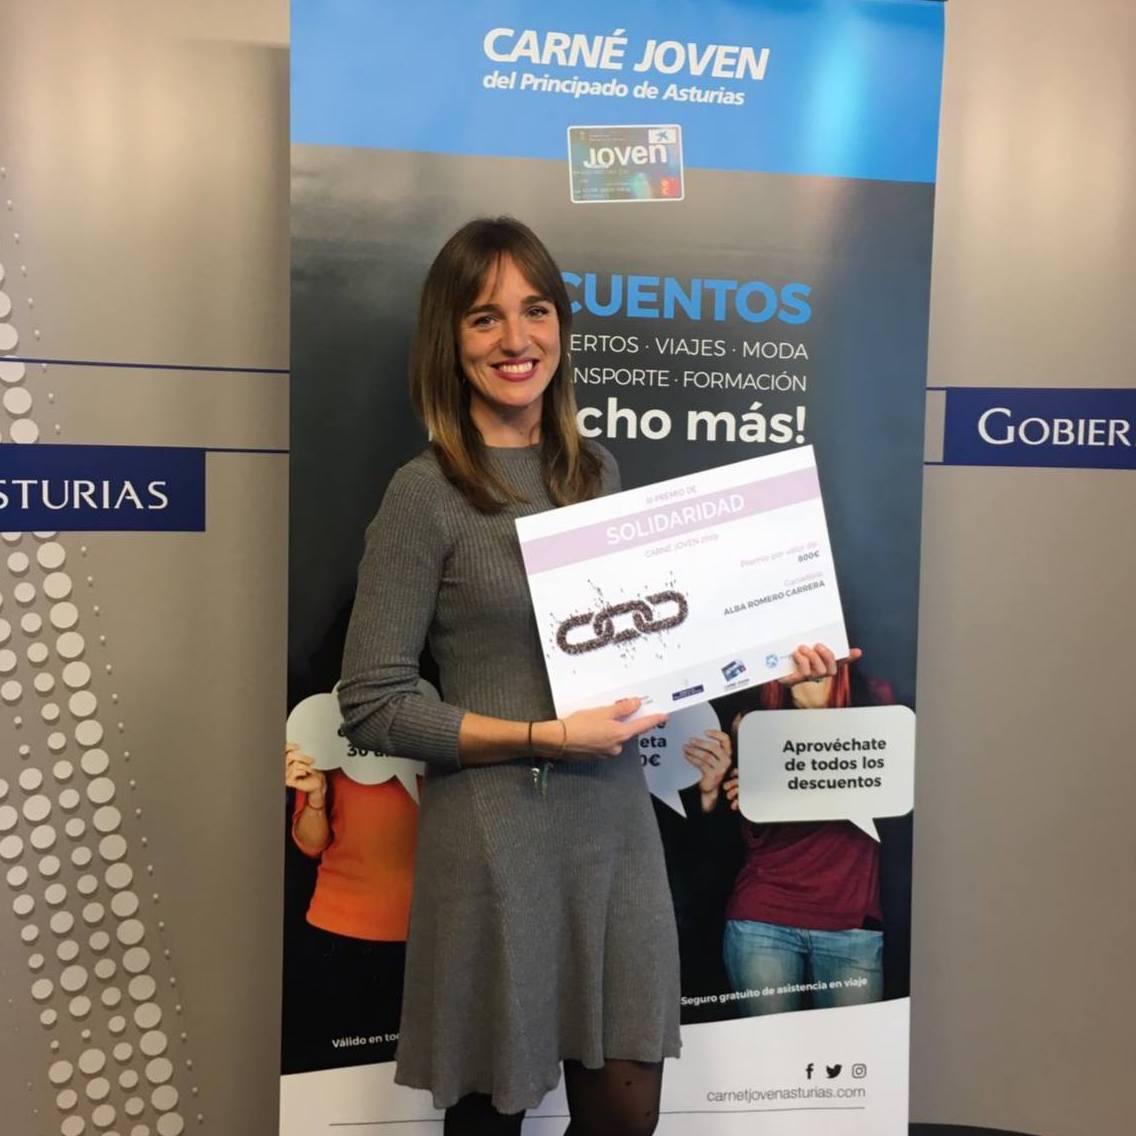 La Asociación Alienta, impulsada por Alba Romero, gana el Premio de Solidaridad Carné Joven 2019 del Principado de Asturias